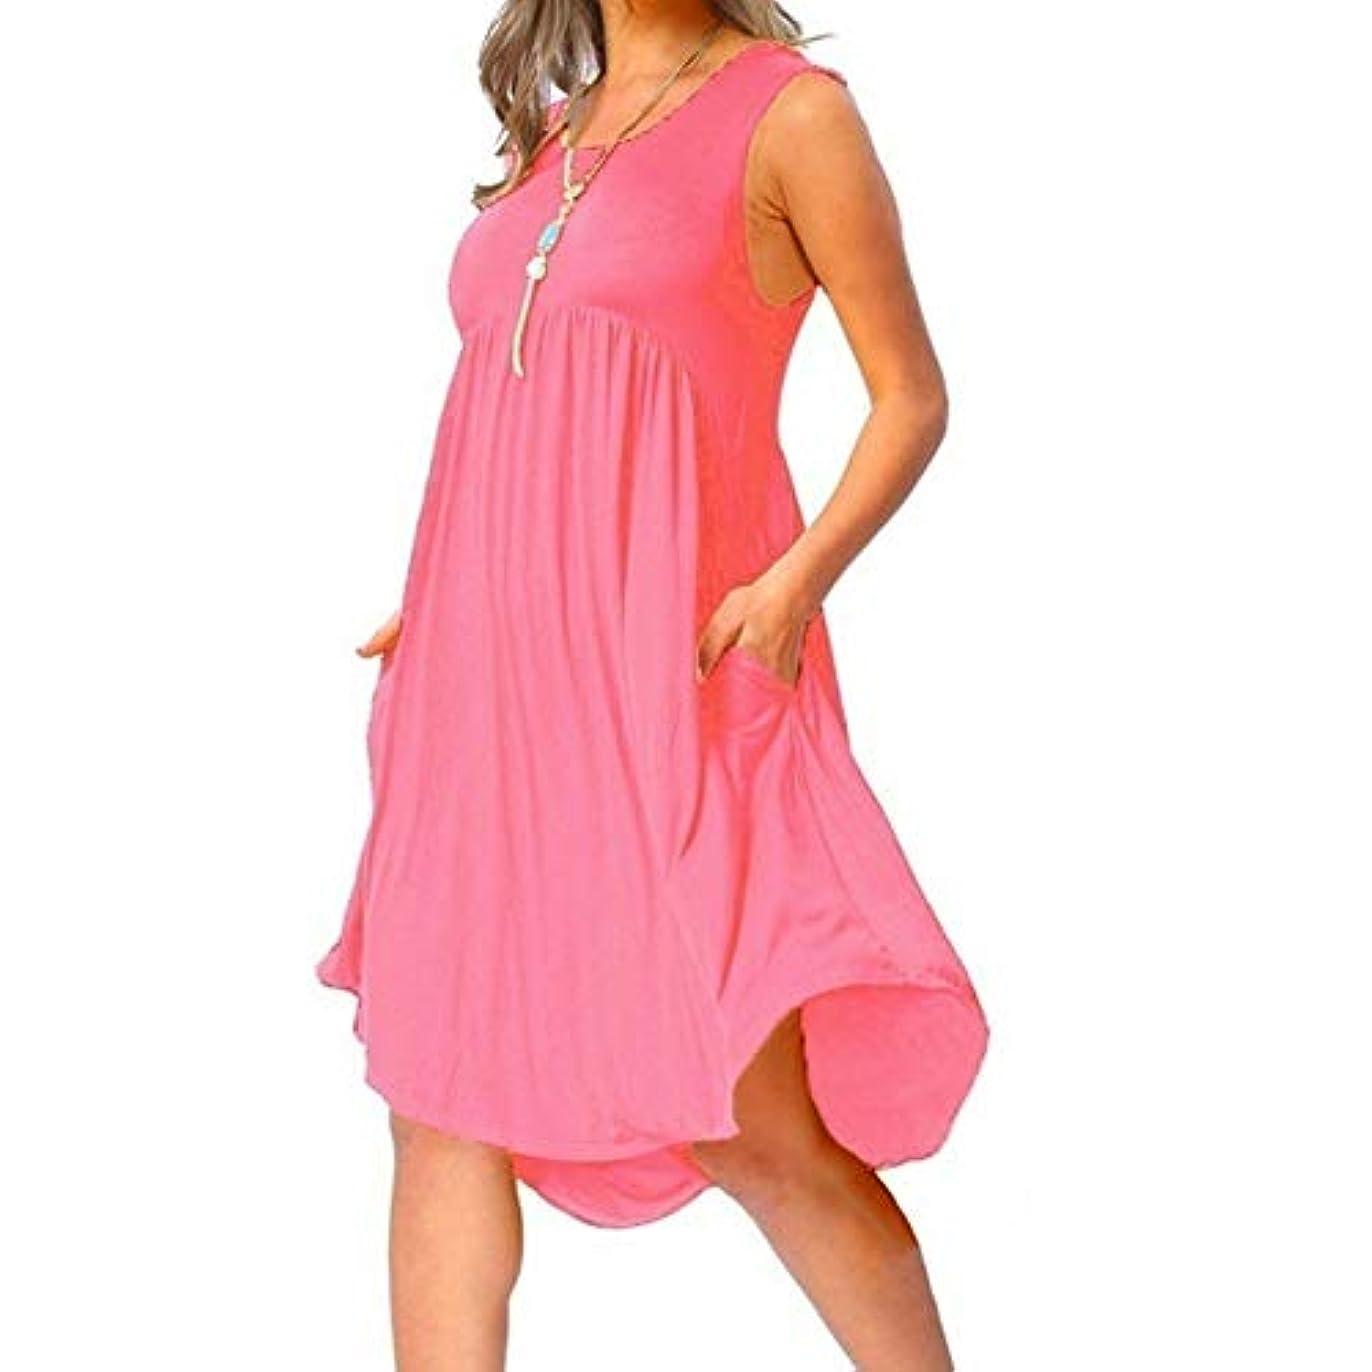 超音速望ましい有効MIFAN の女性のドレスカジュアルな不規則なドレスルースサマービーチTシャツドレス